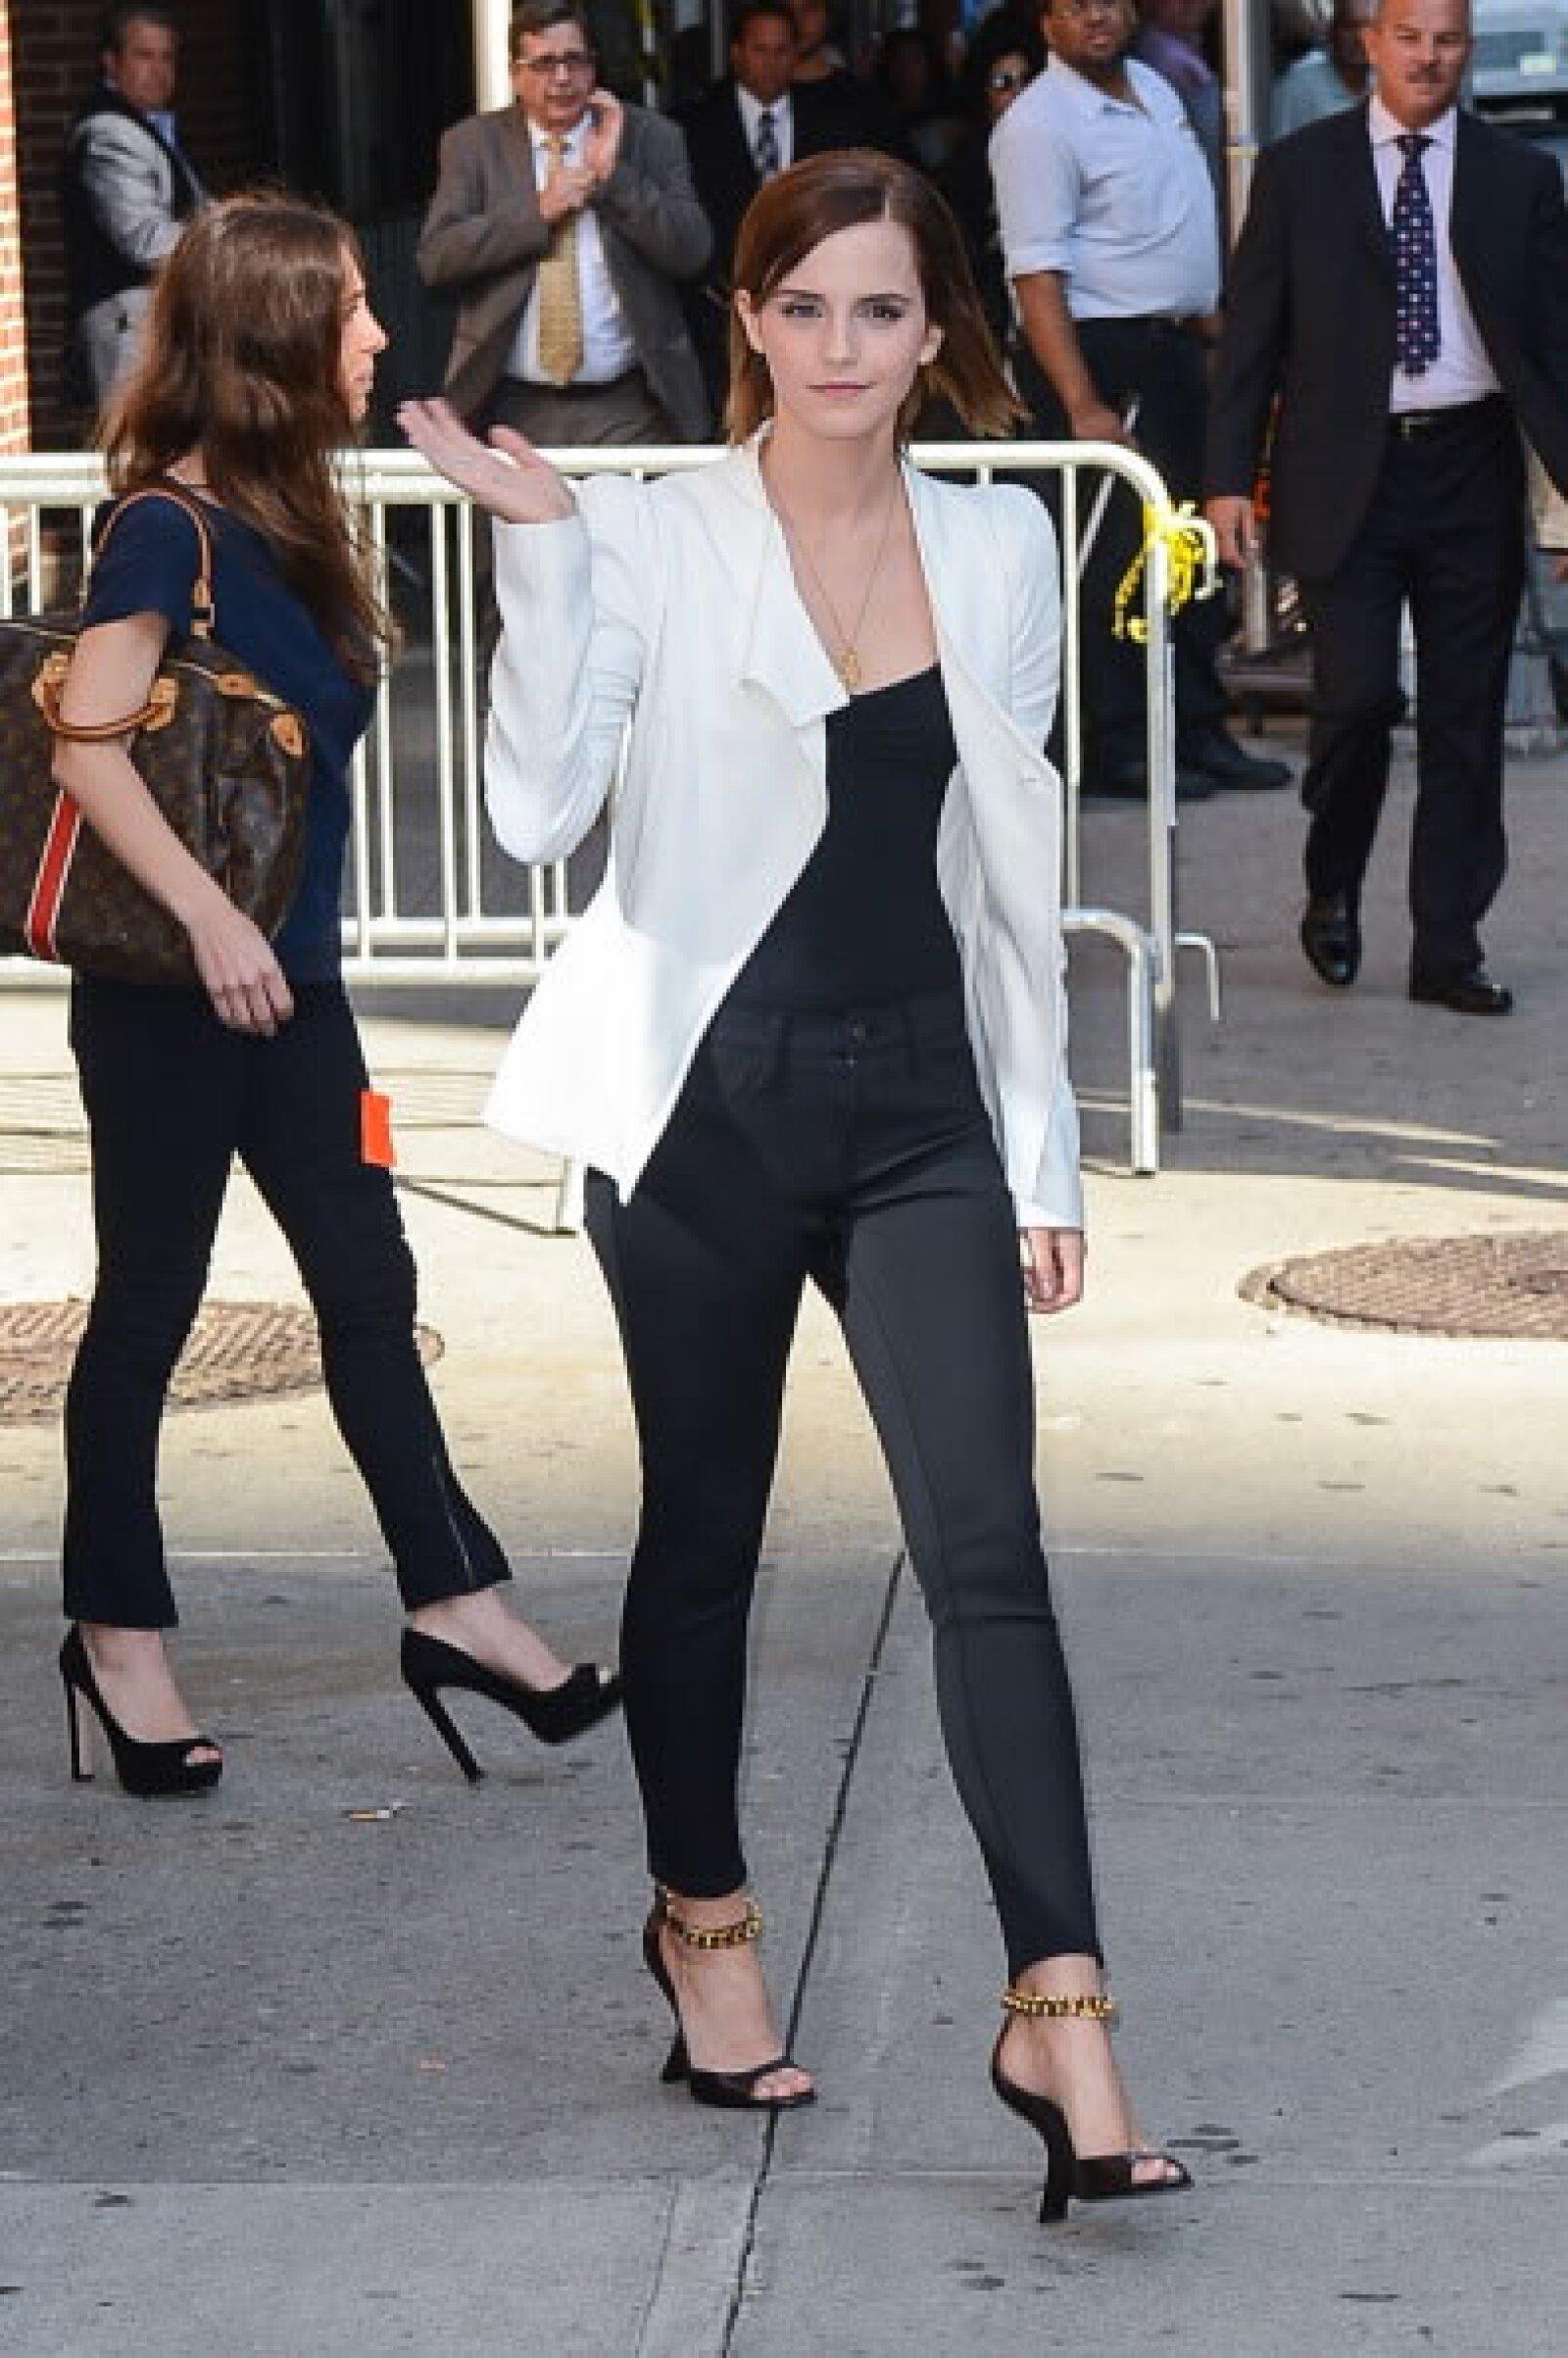 Con un look chic, la actriz camina por las calles de NY. Con un blazer blanco le dio un toque de originalidad a su look monocromático, complementándolo con accesorios dorados.